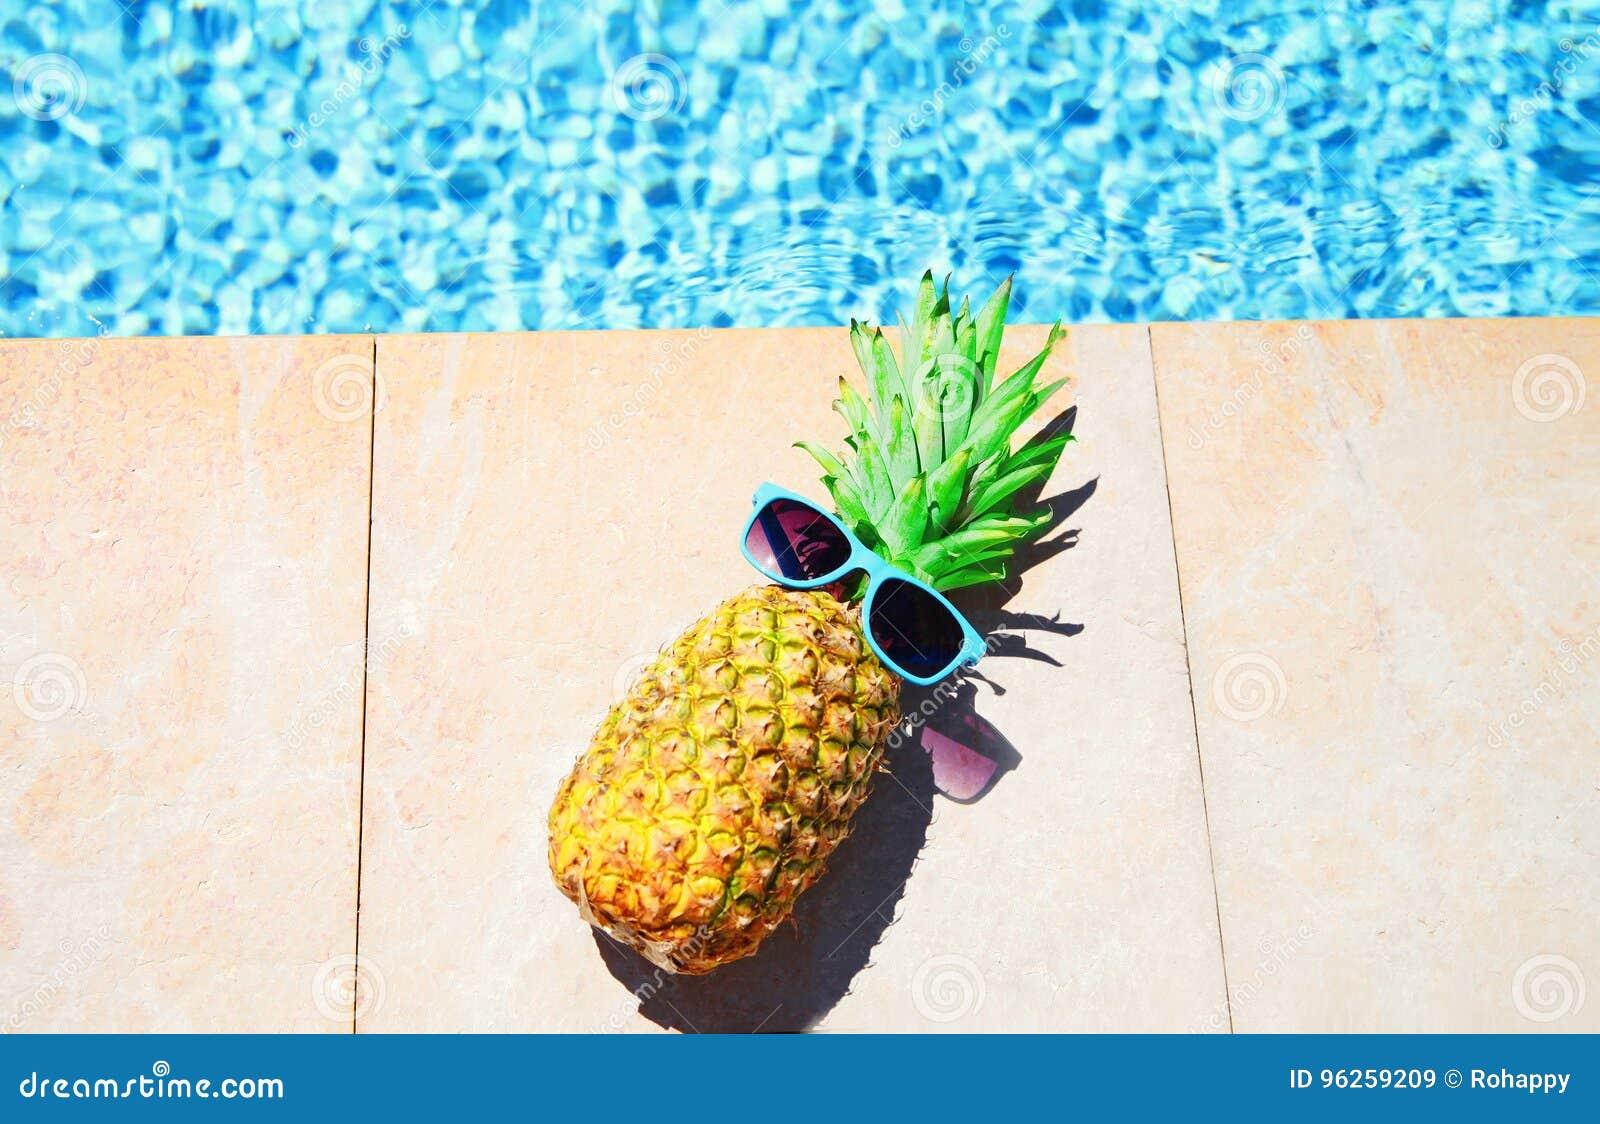 塑造与太阳镜的菠萝,大海水池背景,暑假,